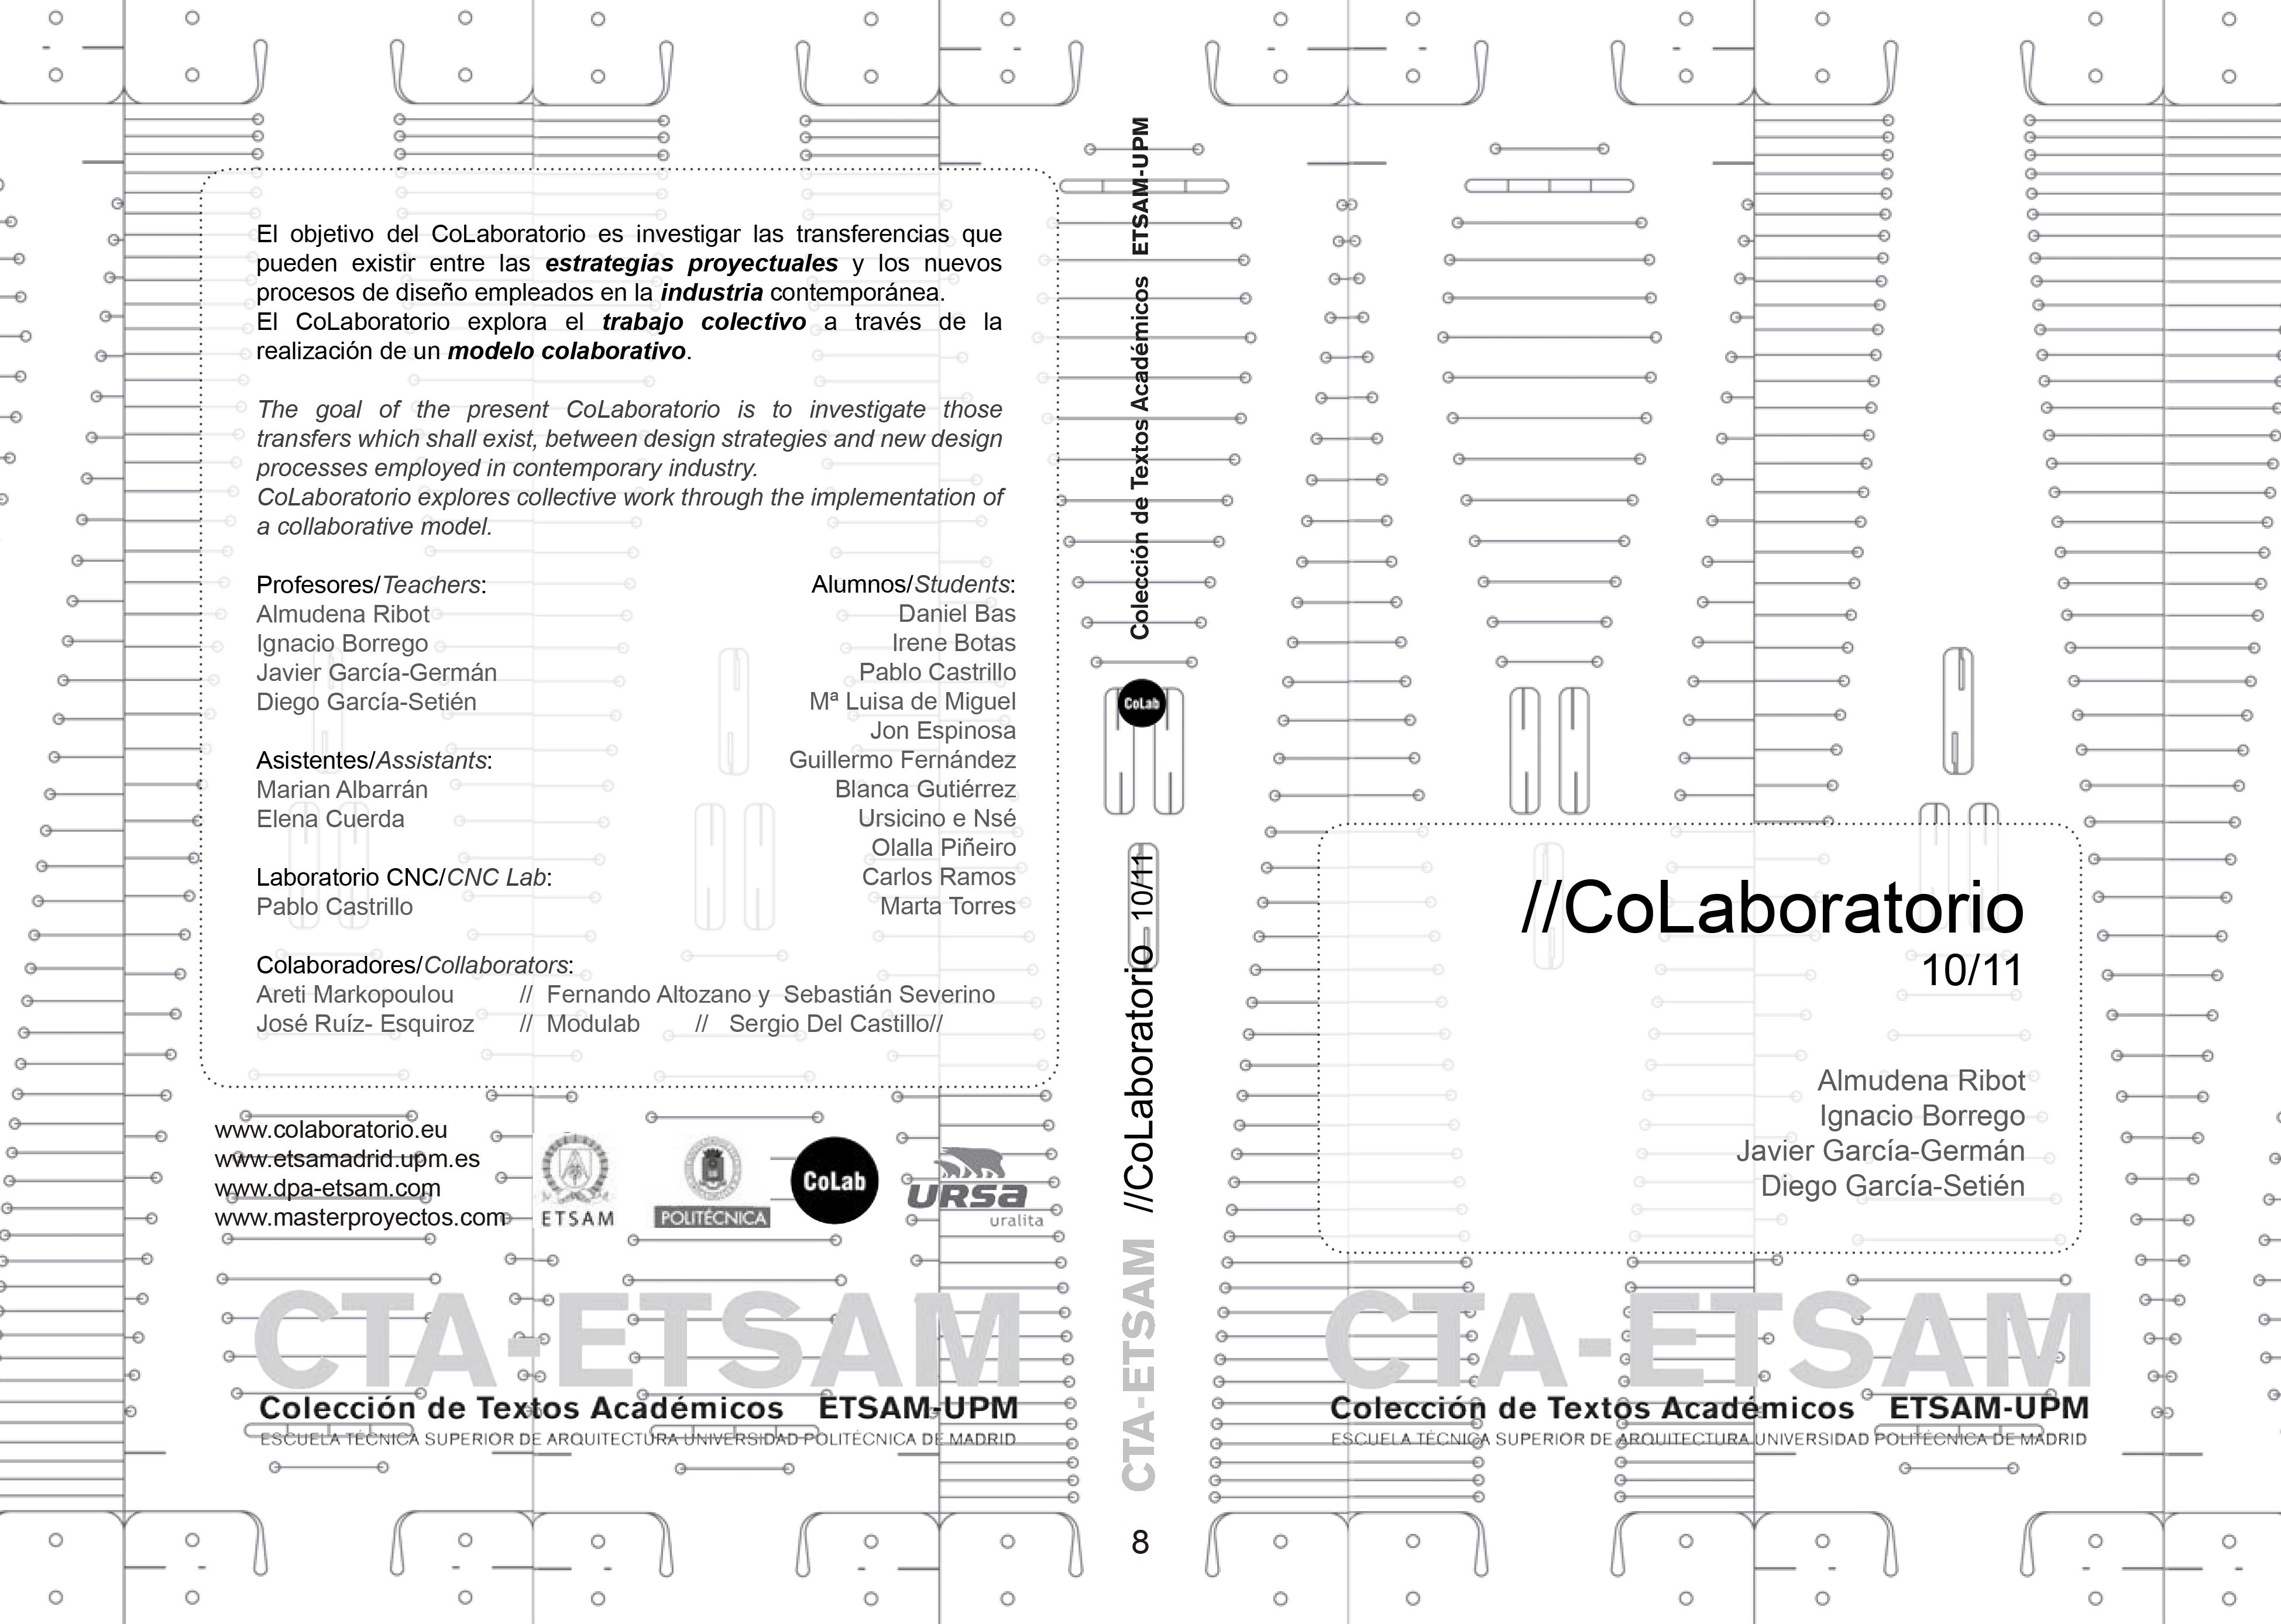 //CoLaboratorio 10/11 (CTA-ETSAM)